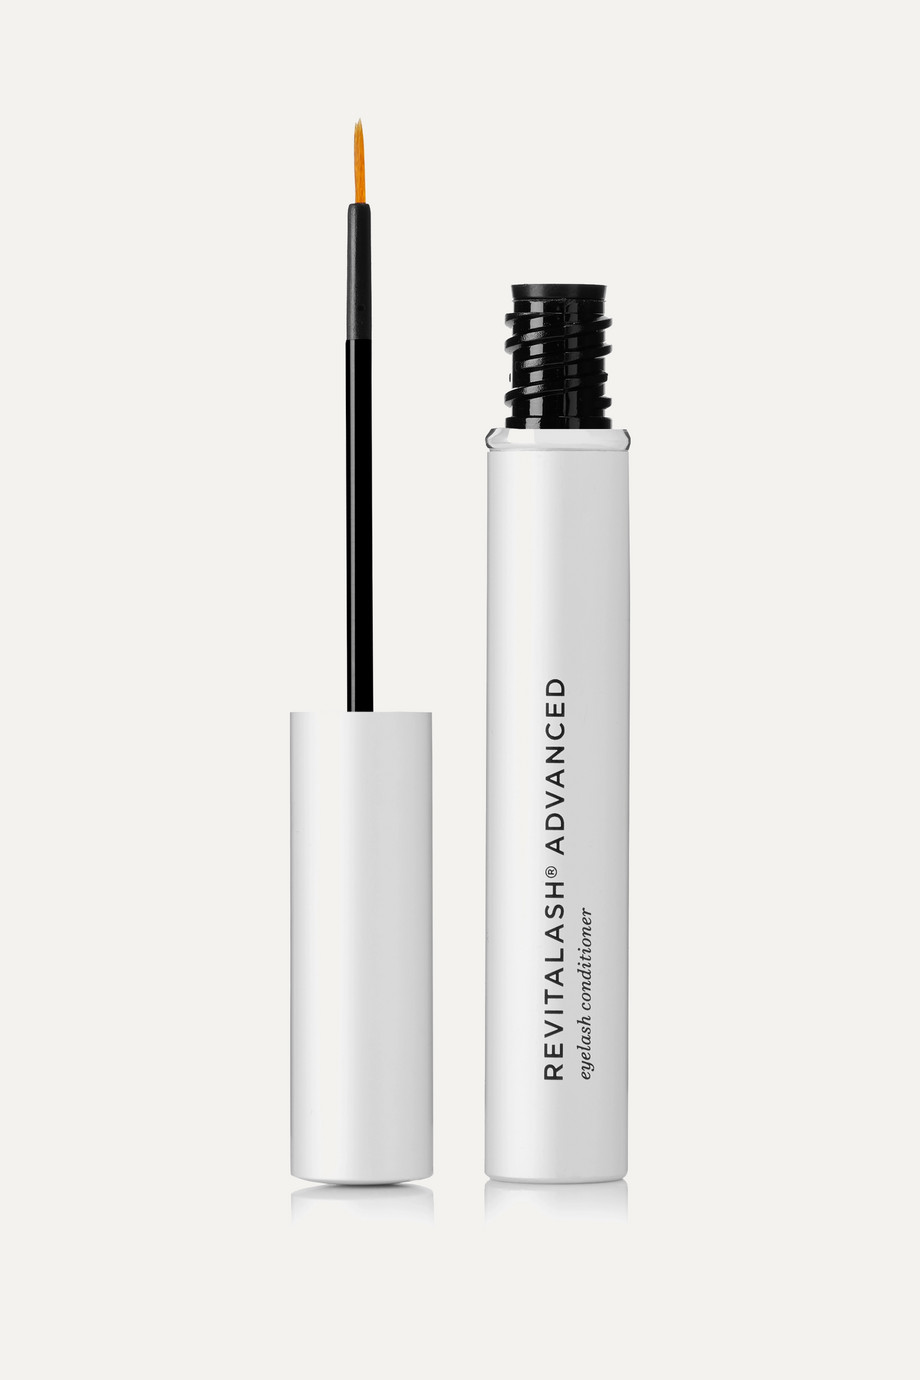 REVITALASH Advanced Eyelash Conditioner, 3.5ml